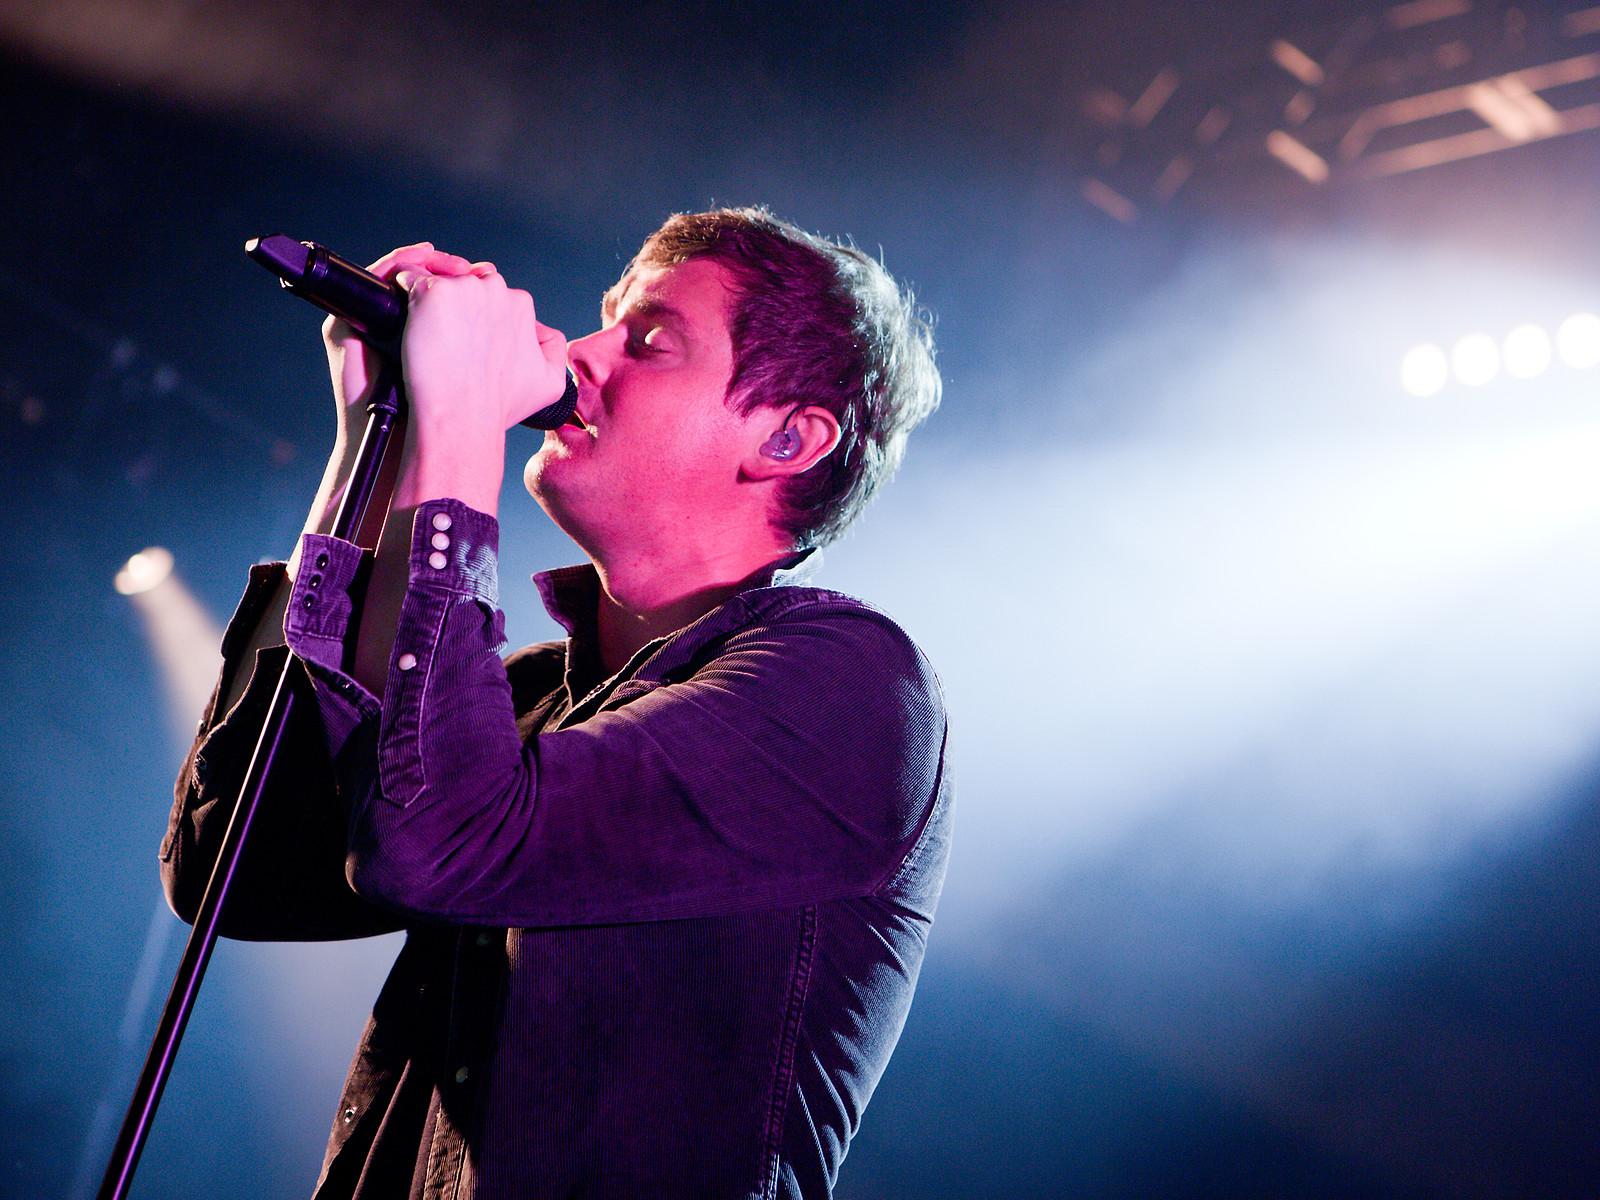 Keane @ Sound Academy